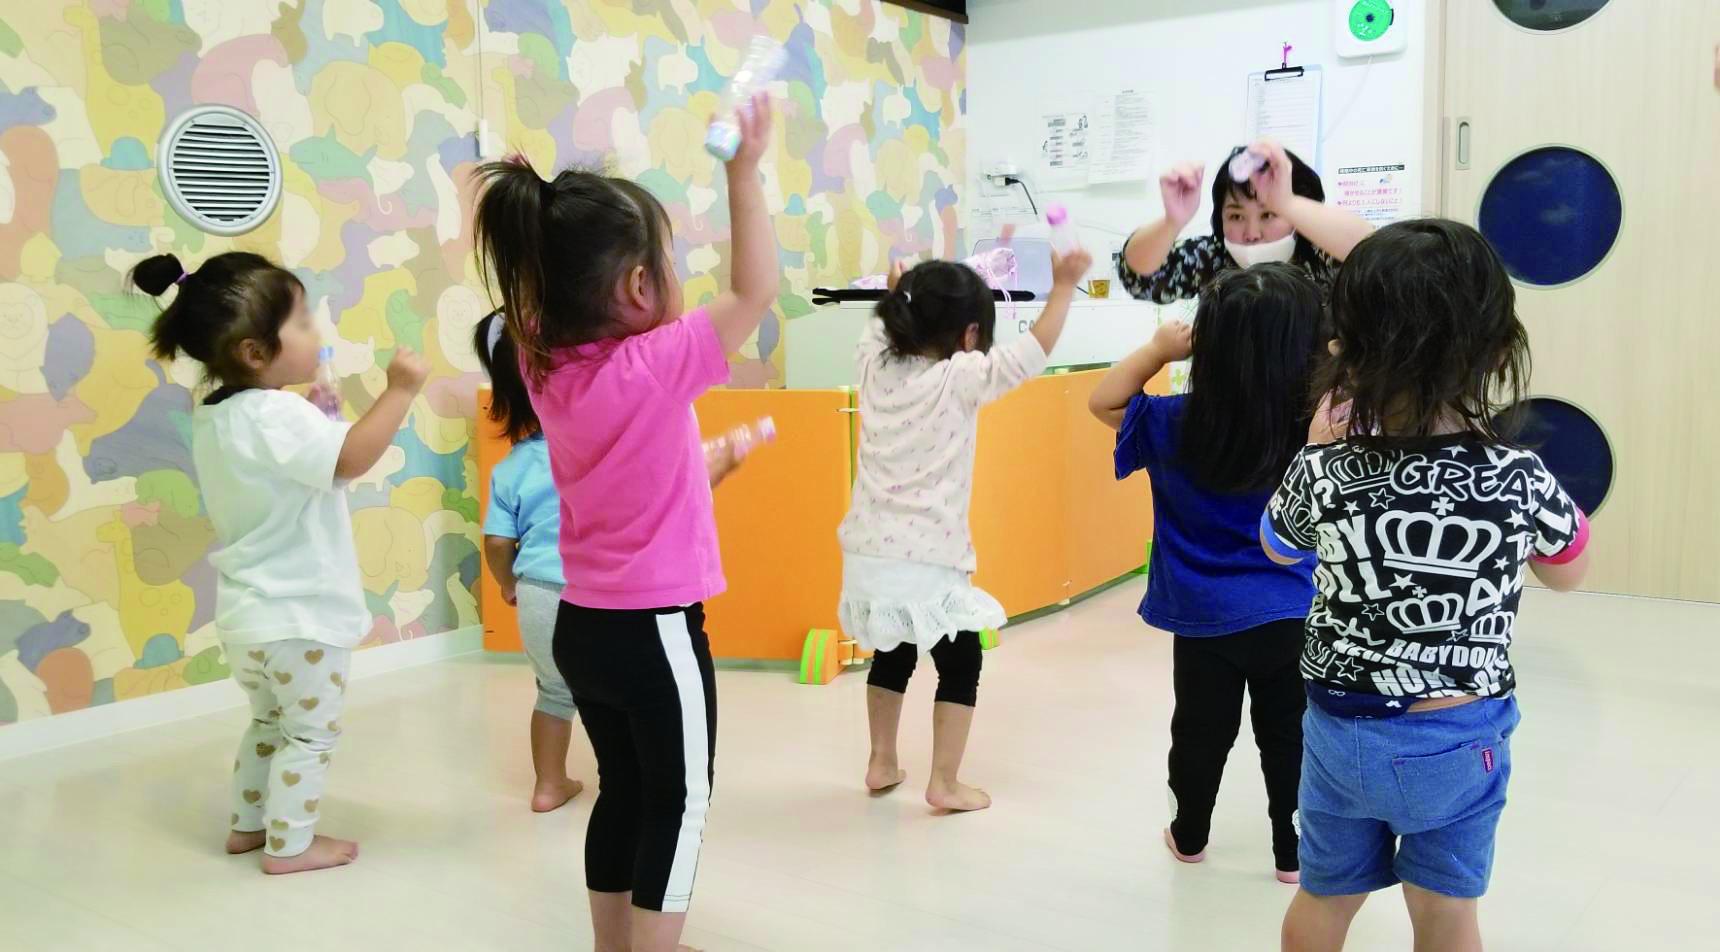 専門の講師を招いてリトミックや英語学習! 楽しみながら体を動かし、学べる保育園です!